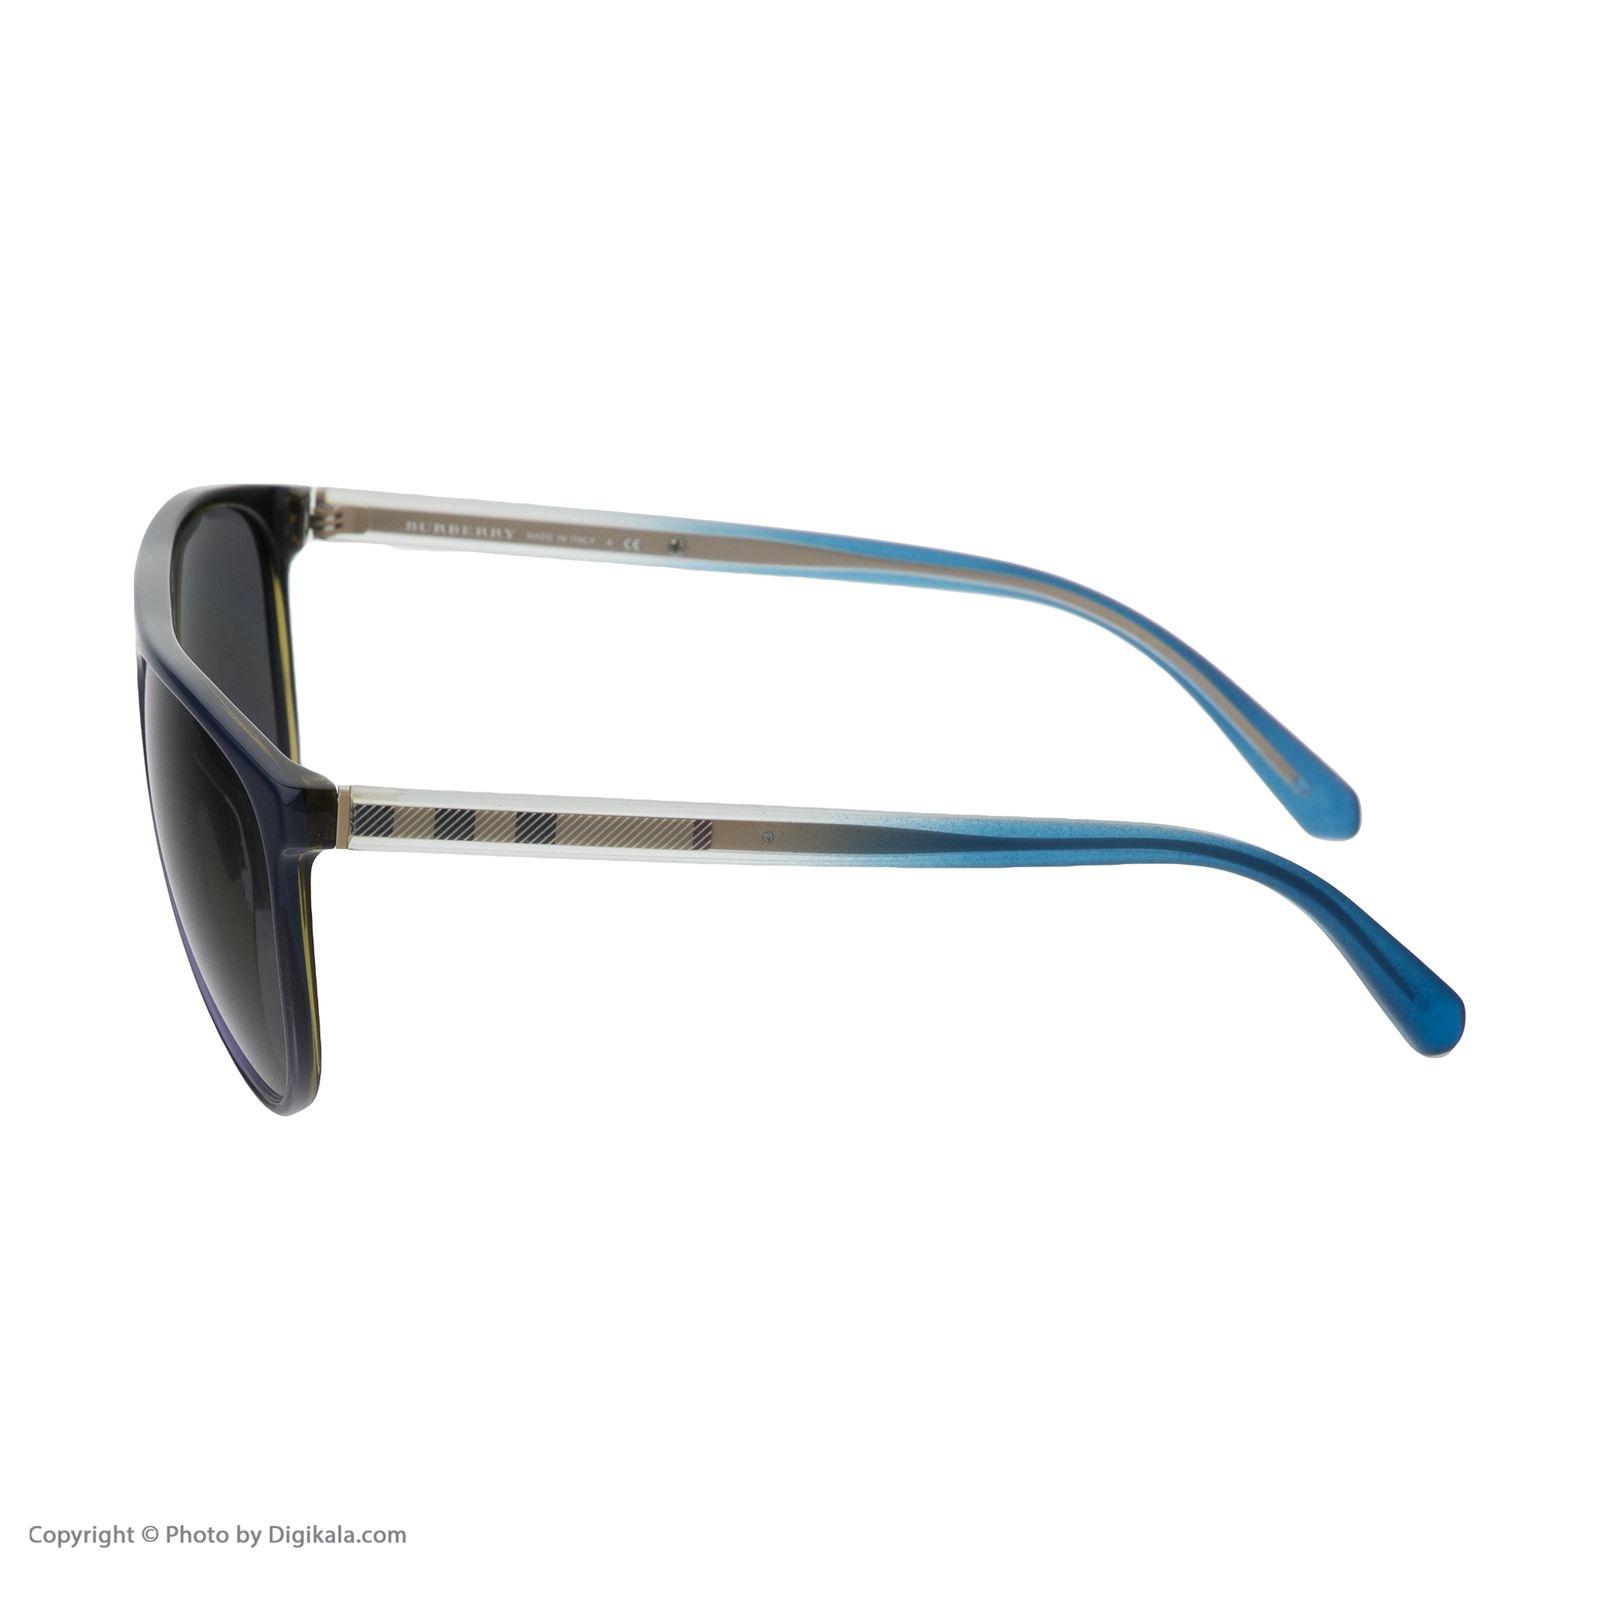 عینک آفتابی زنانه بربری مدل BE 4254S 366287 58 -  - 6